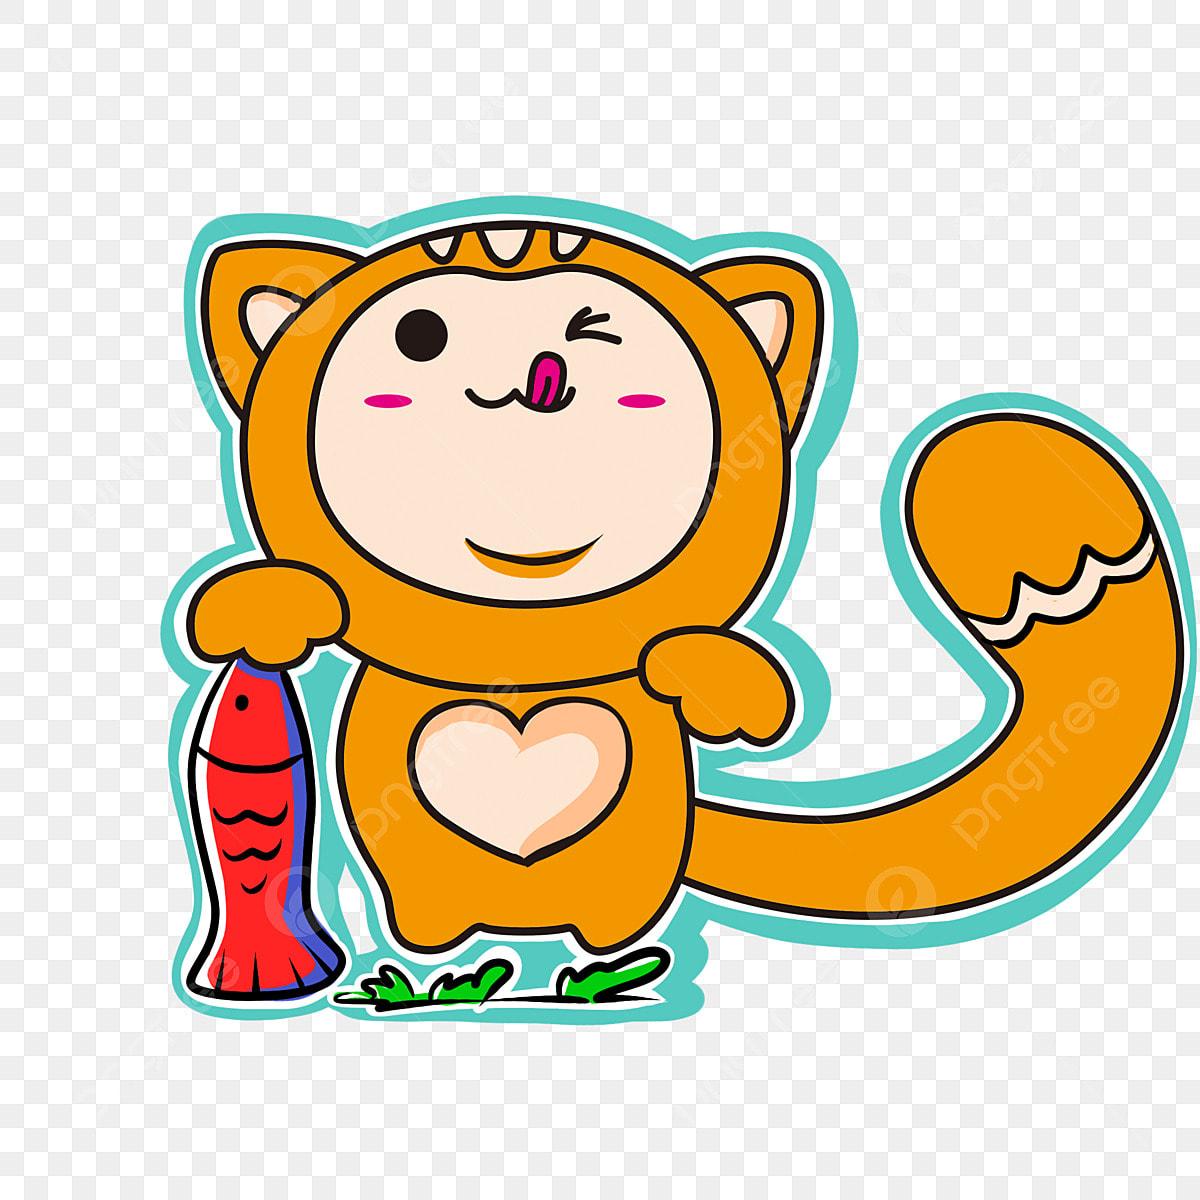 無料ダウンロードのための楽しい子猫 漫画 イラスト 児童イラストpng画像素材